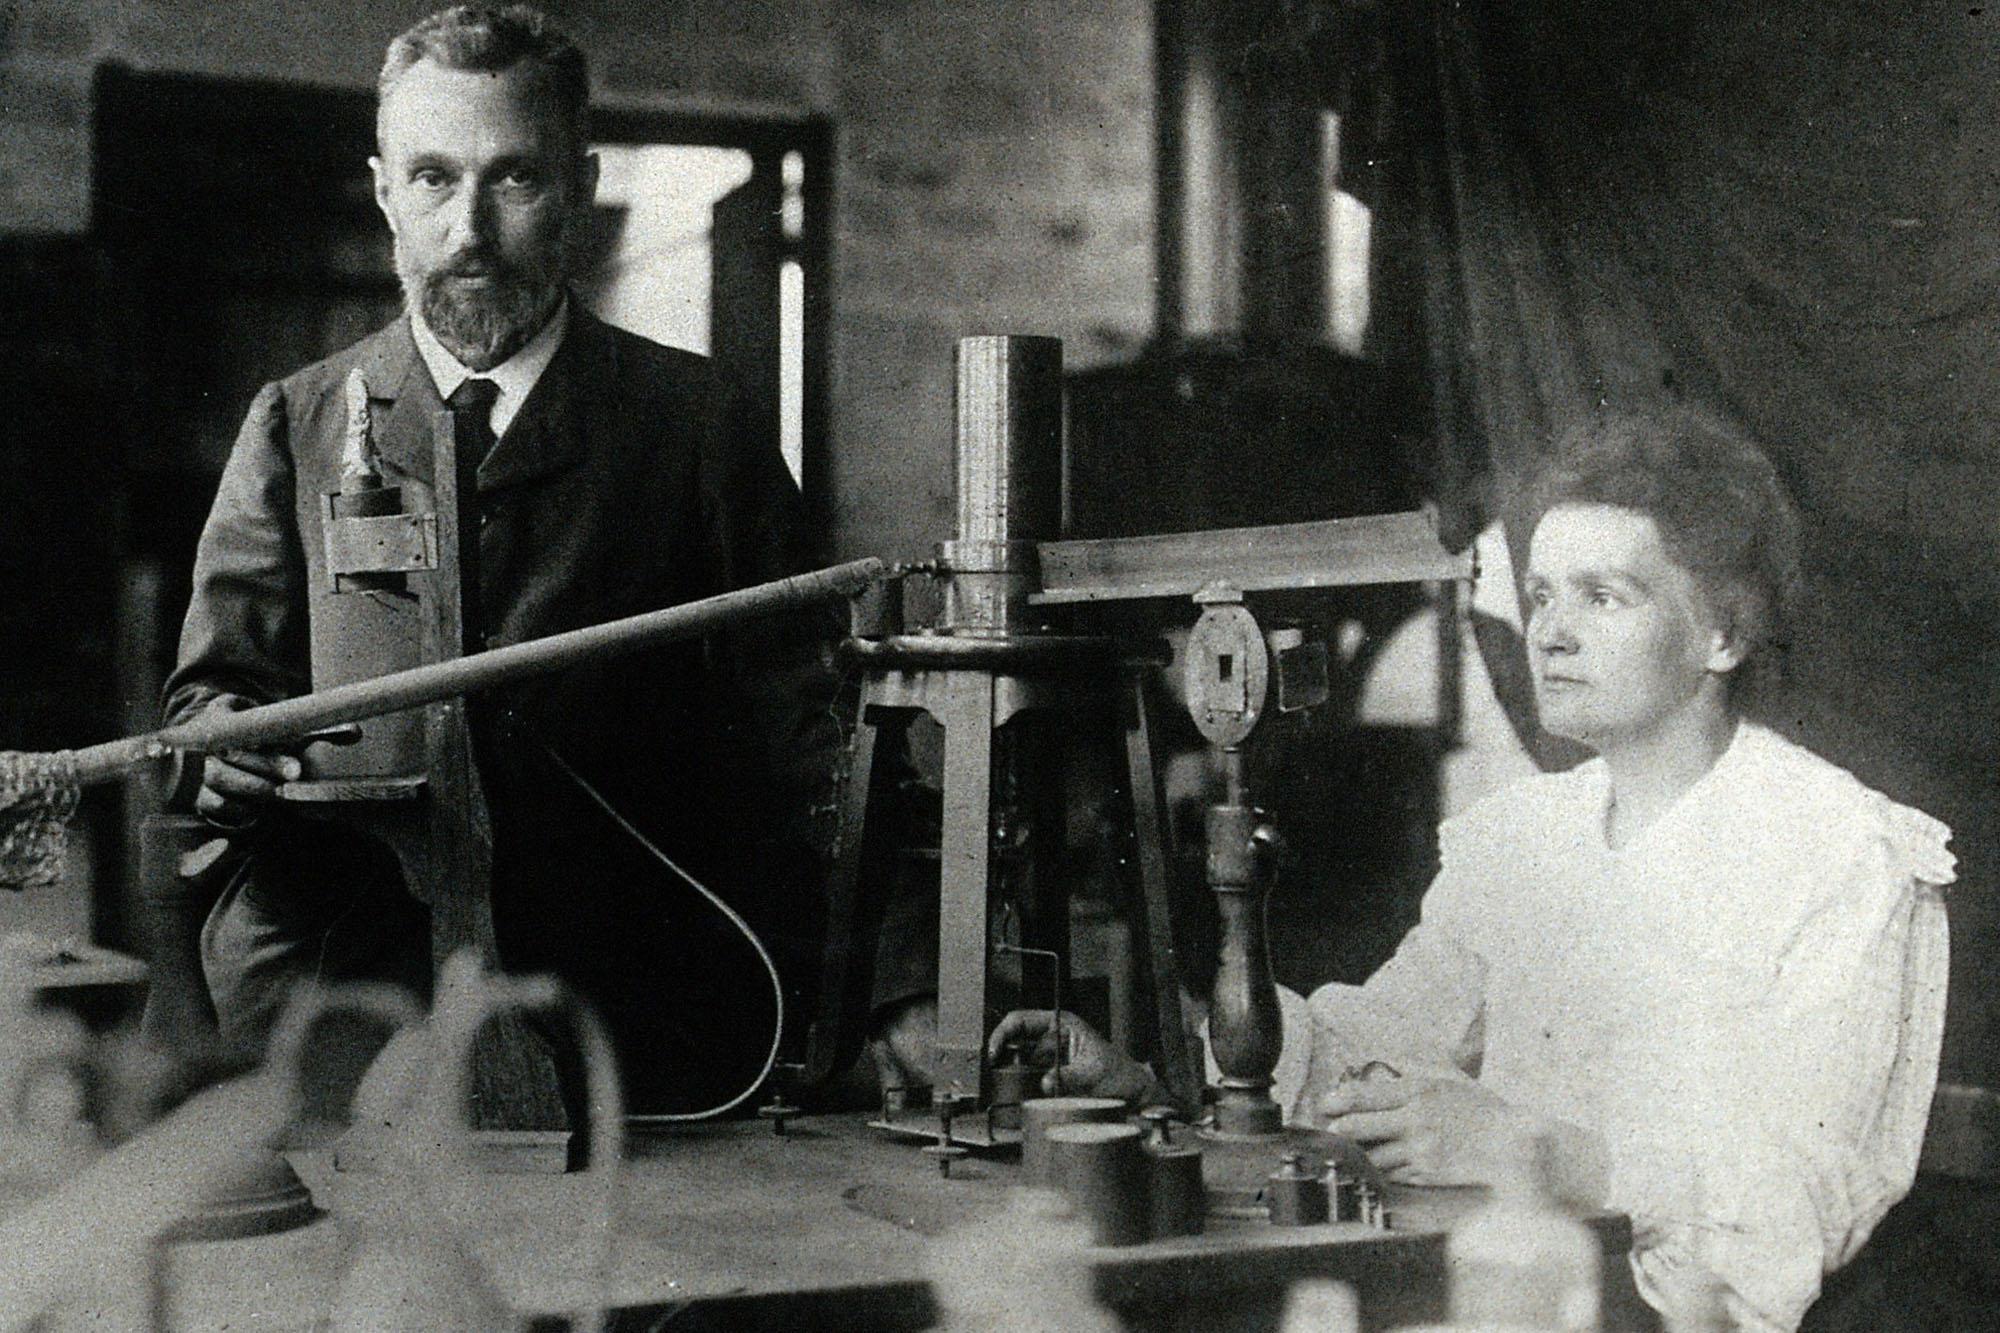 Pierre und Marie Curie